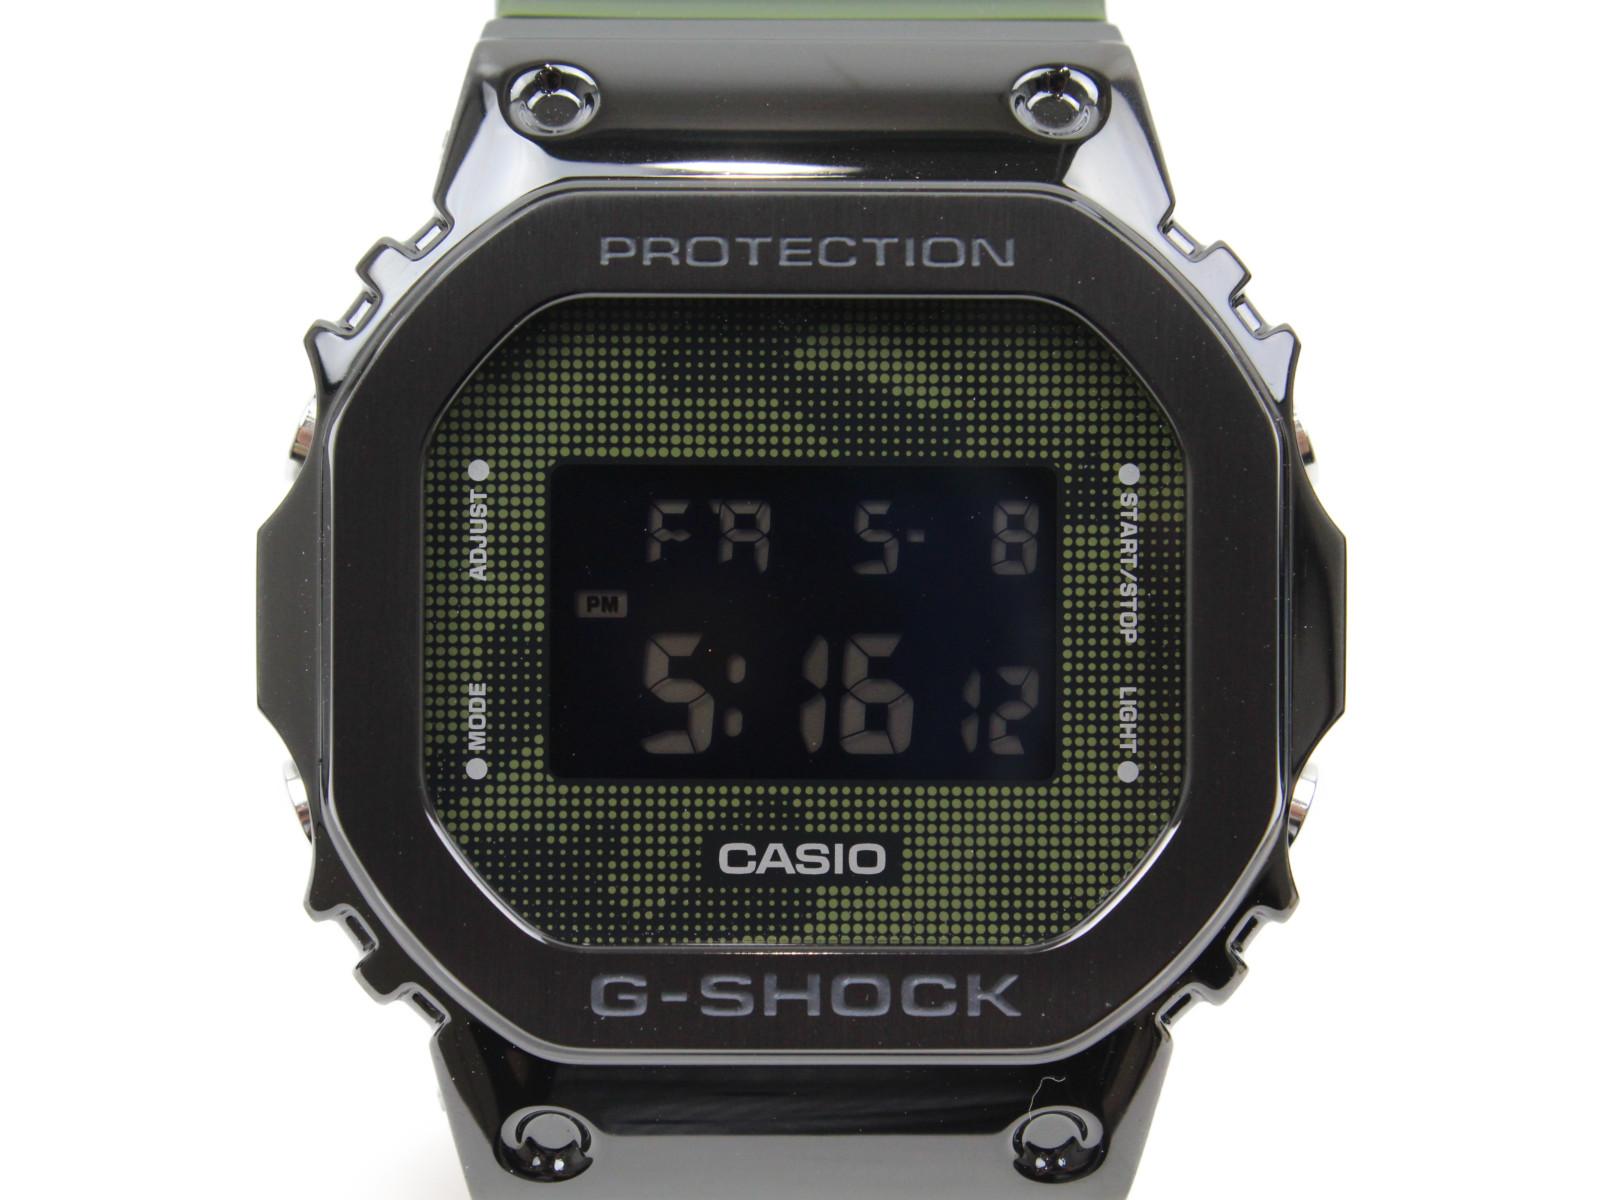 CASIO カシオ G-SHOCK ジーショック オリジン GM-5600B-3JF クオーツ デジタル SS ラバー 迷彩 ブラック カーキ メンズ 腕時計【中古】